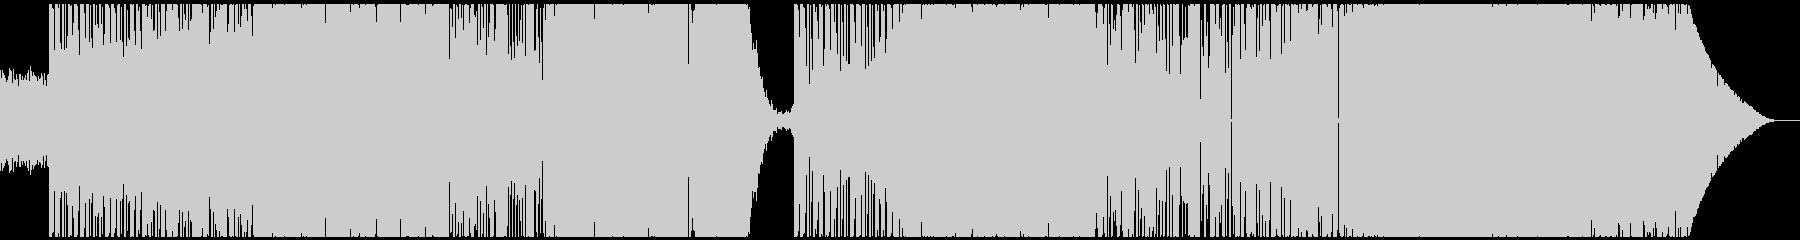 重いビート 重厚エモーショナルエレクトロの未再生の波形